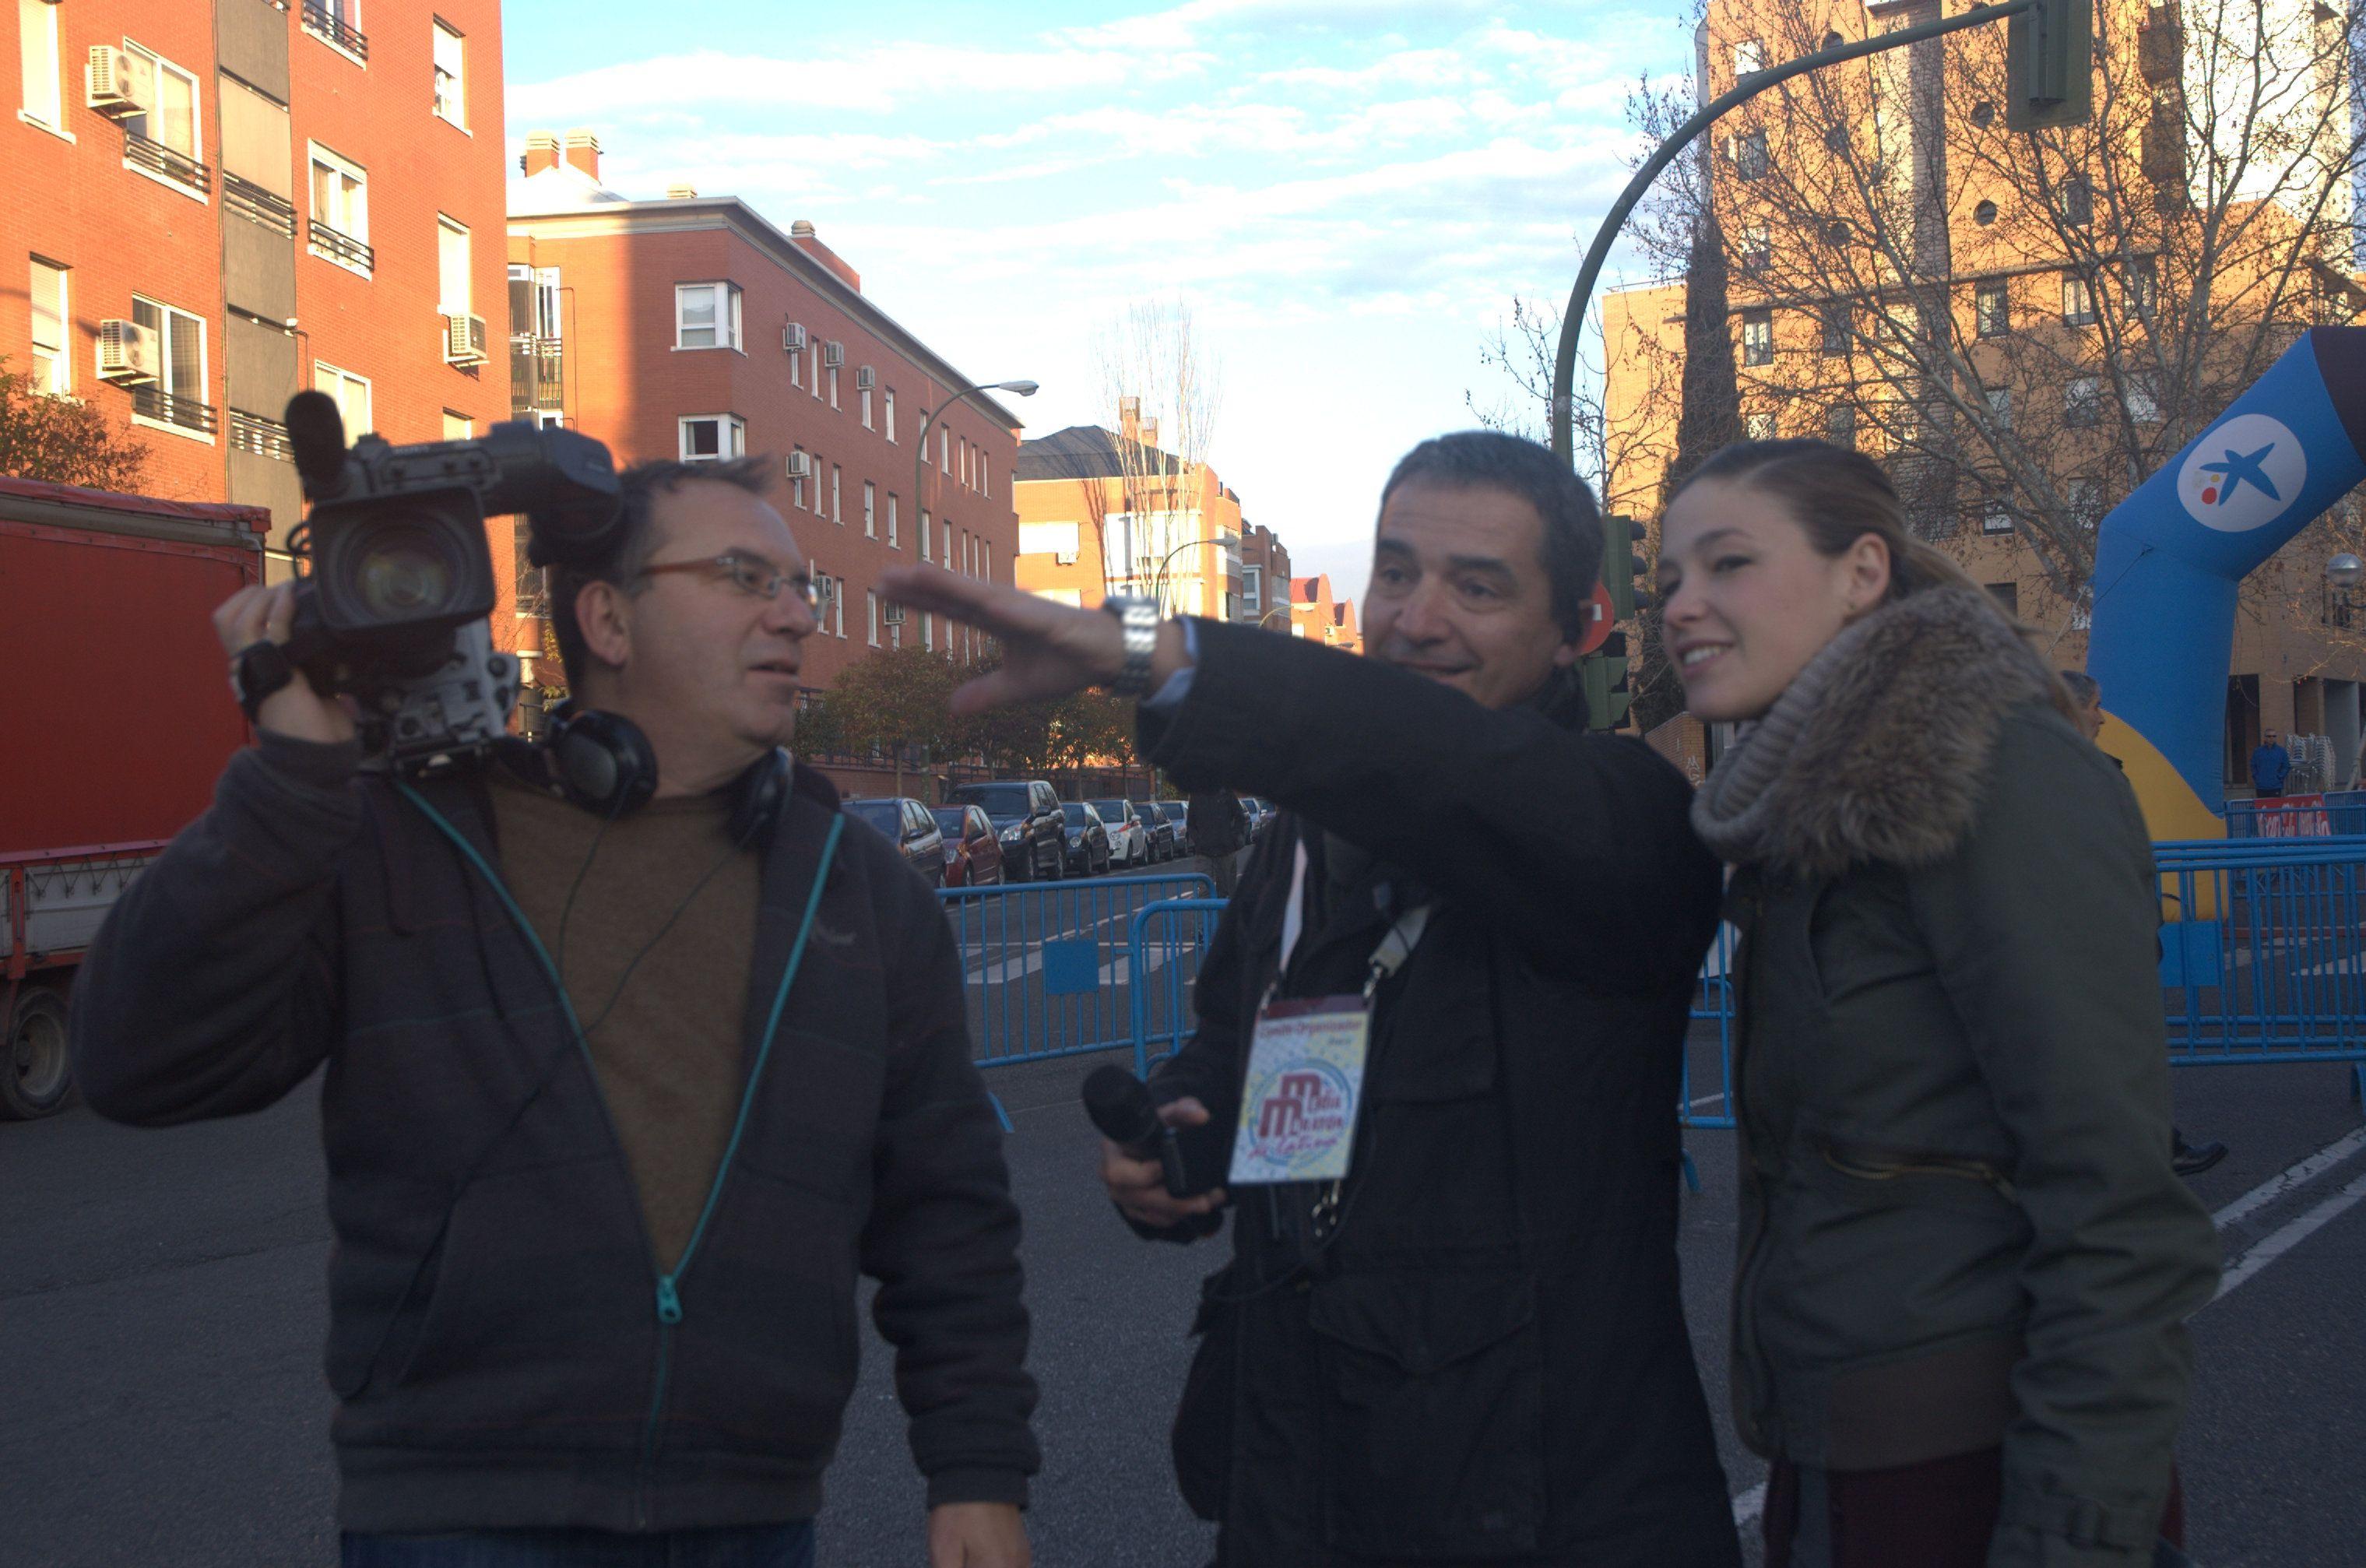 Equipo de reporteros de Telemadrid